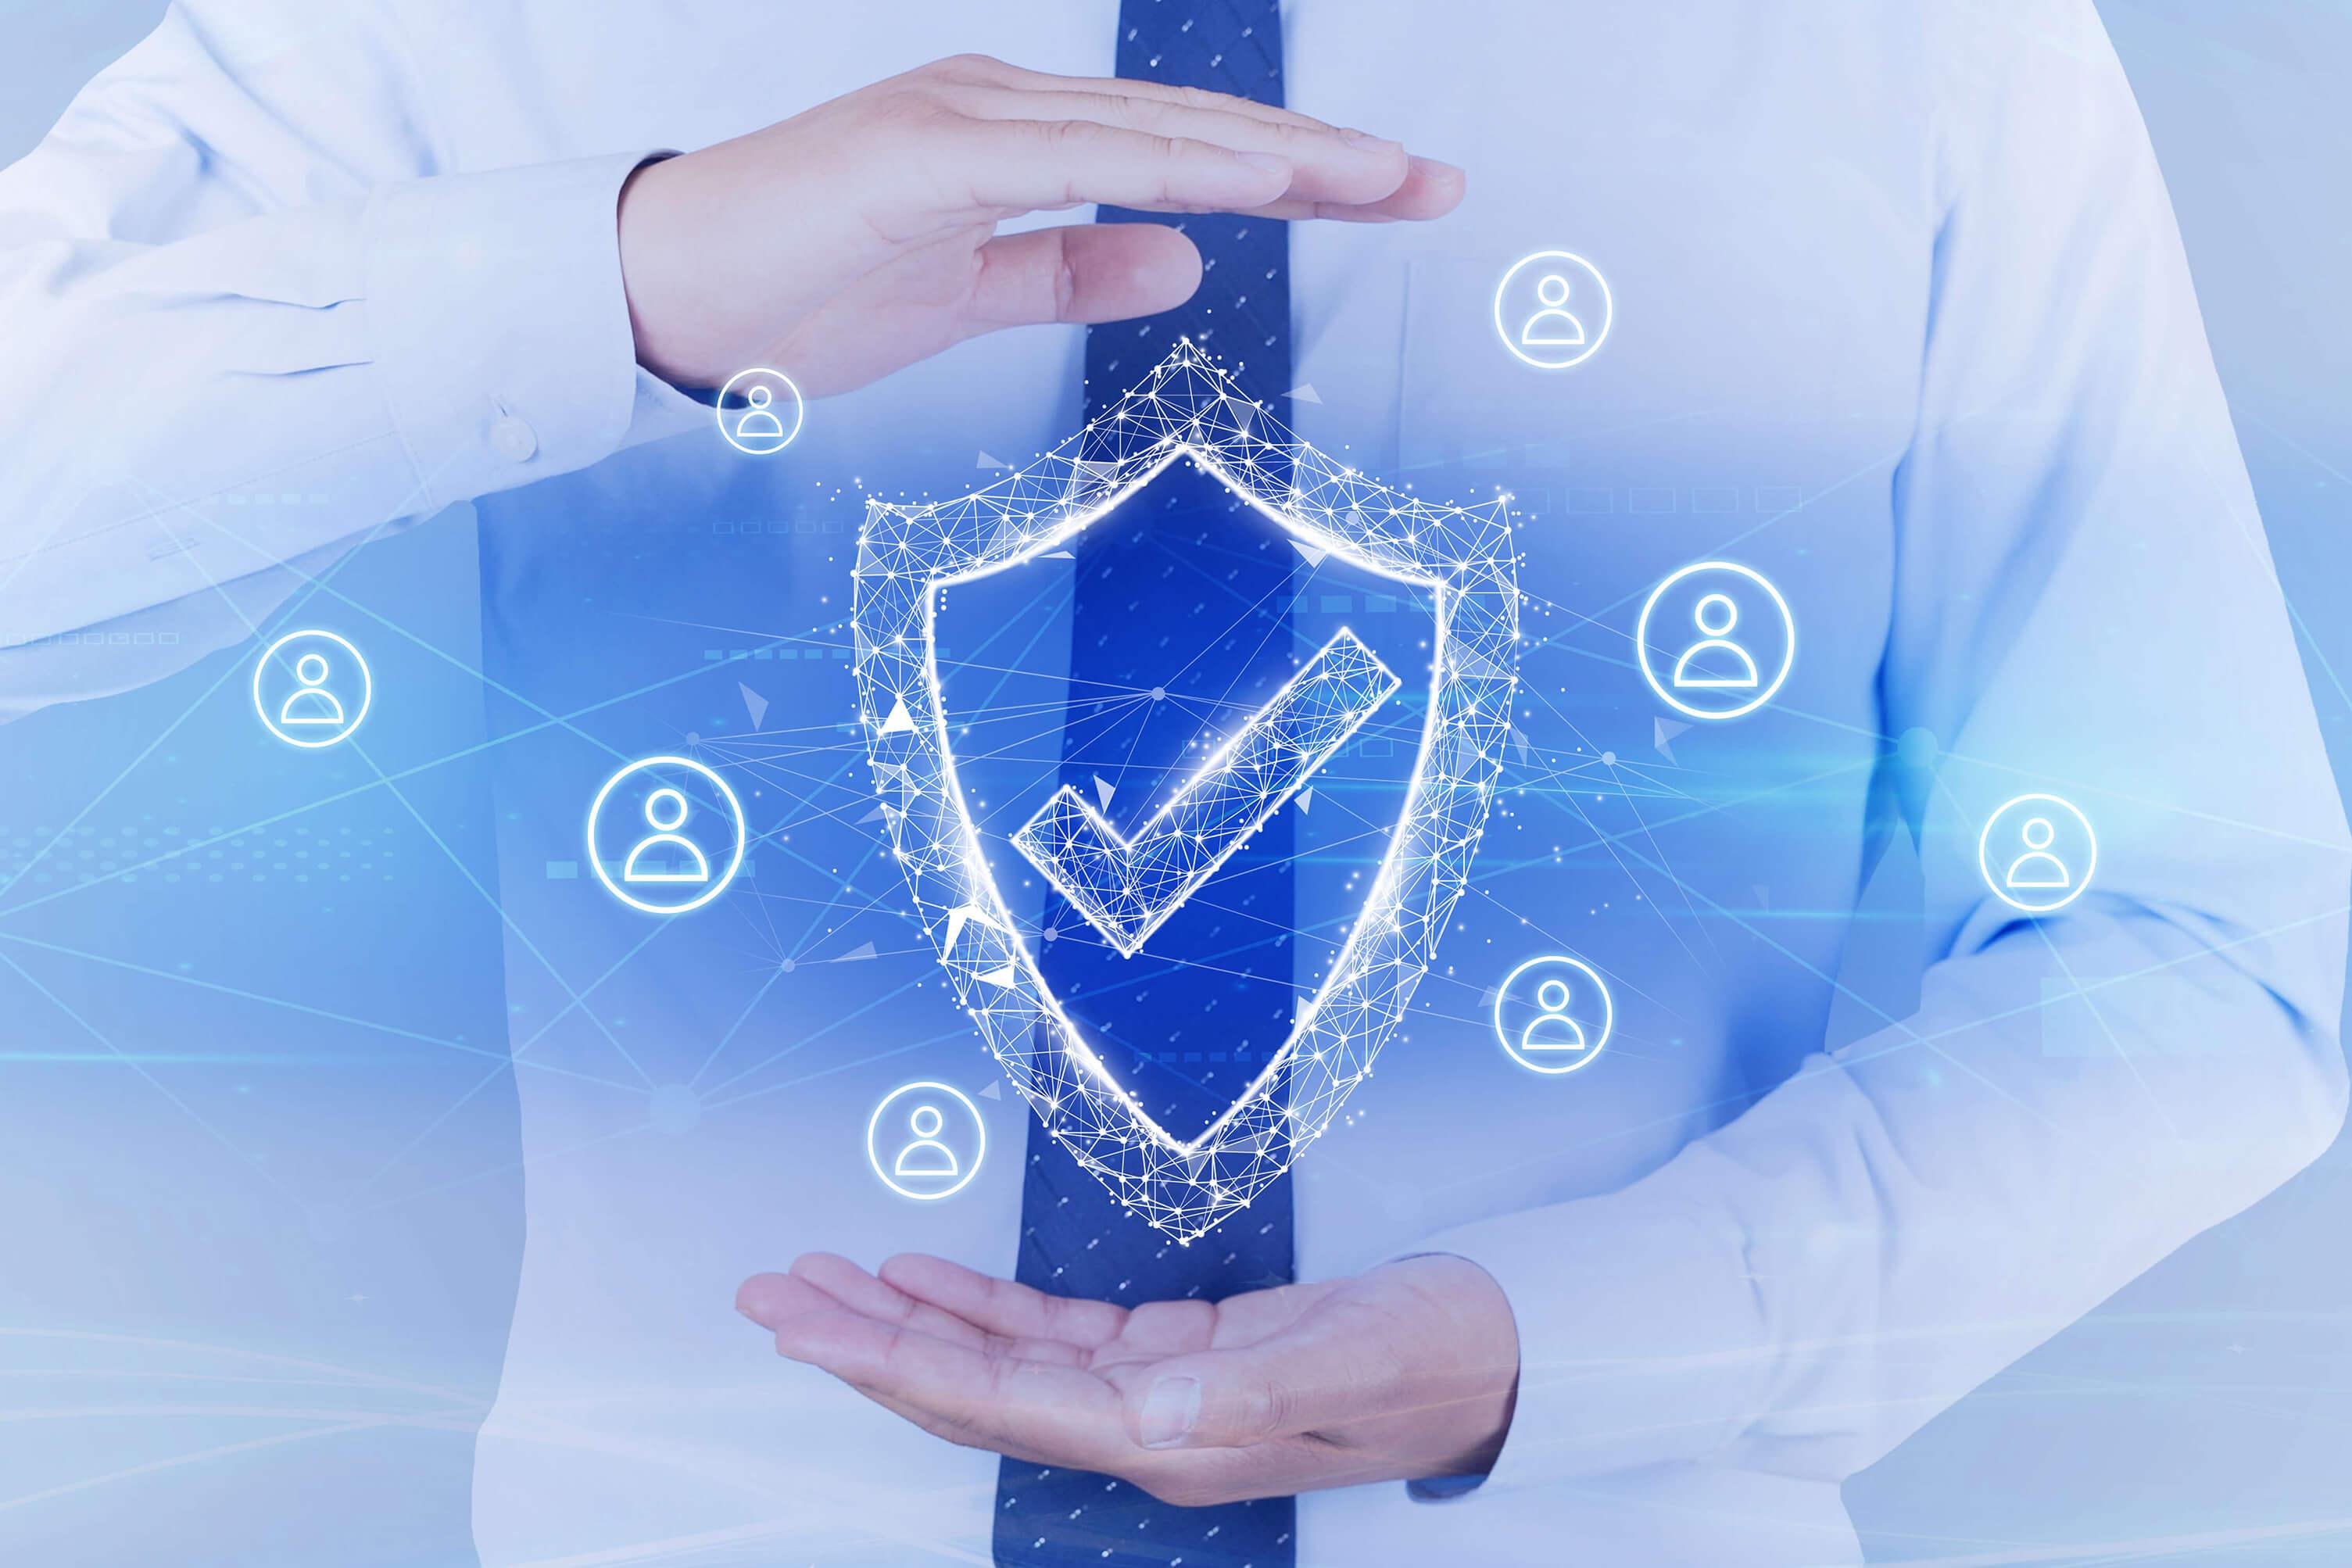 SSL证书、代码签名证书、文档签名证书及邮件签名证书有什么区别